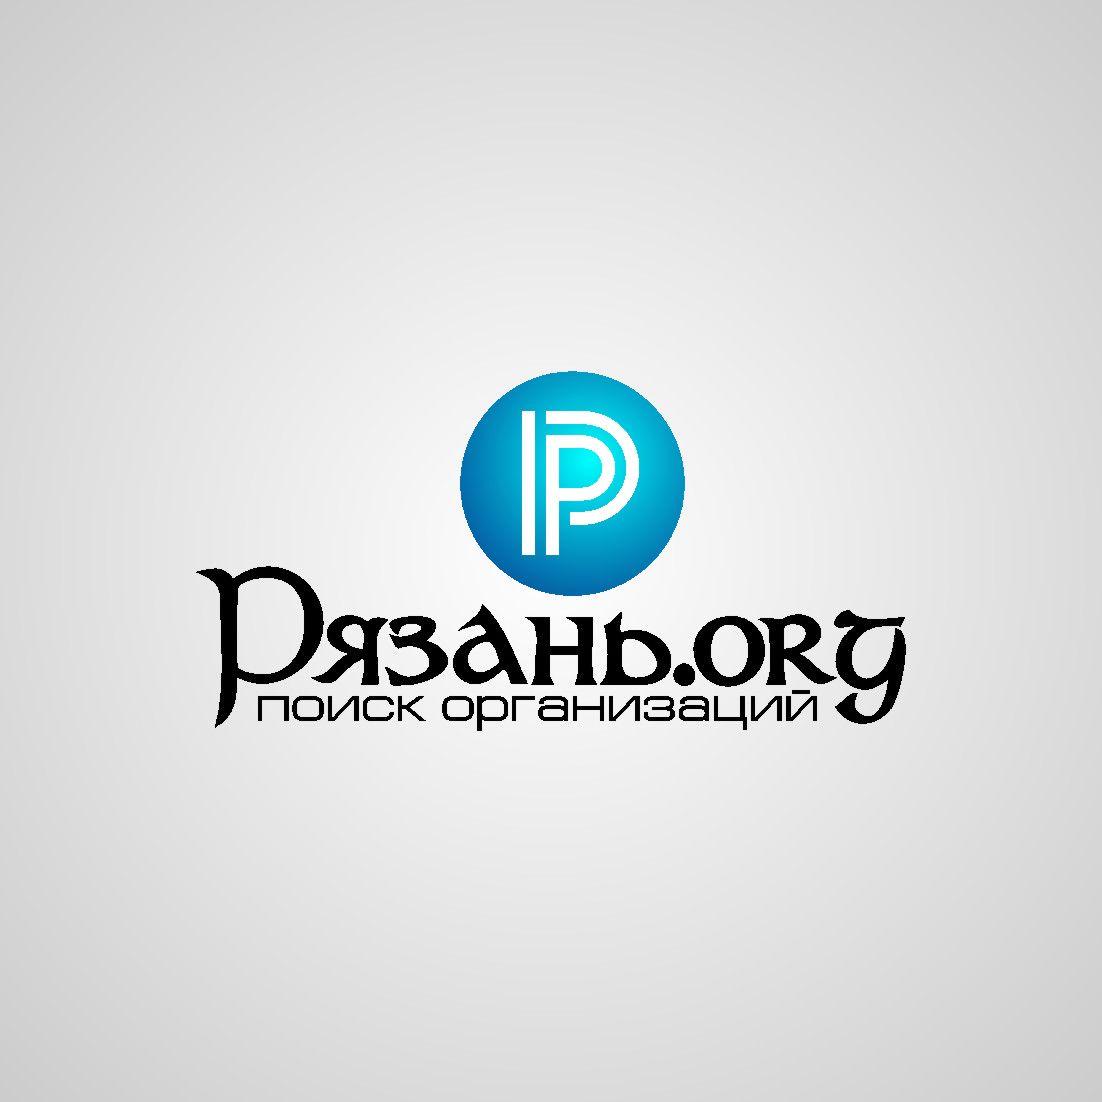 Логотип для поисковой системы - дизайнер Ryaha